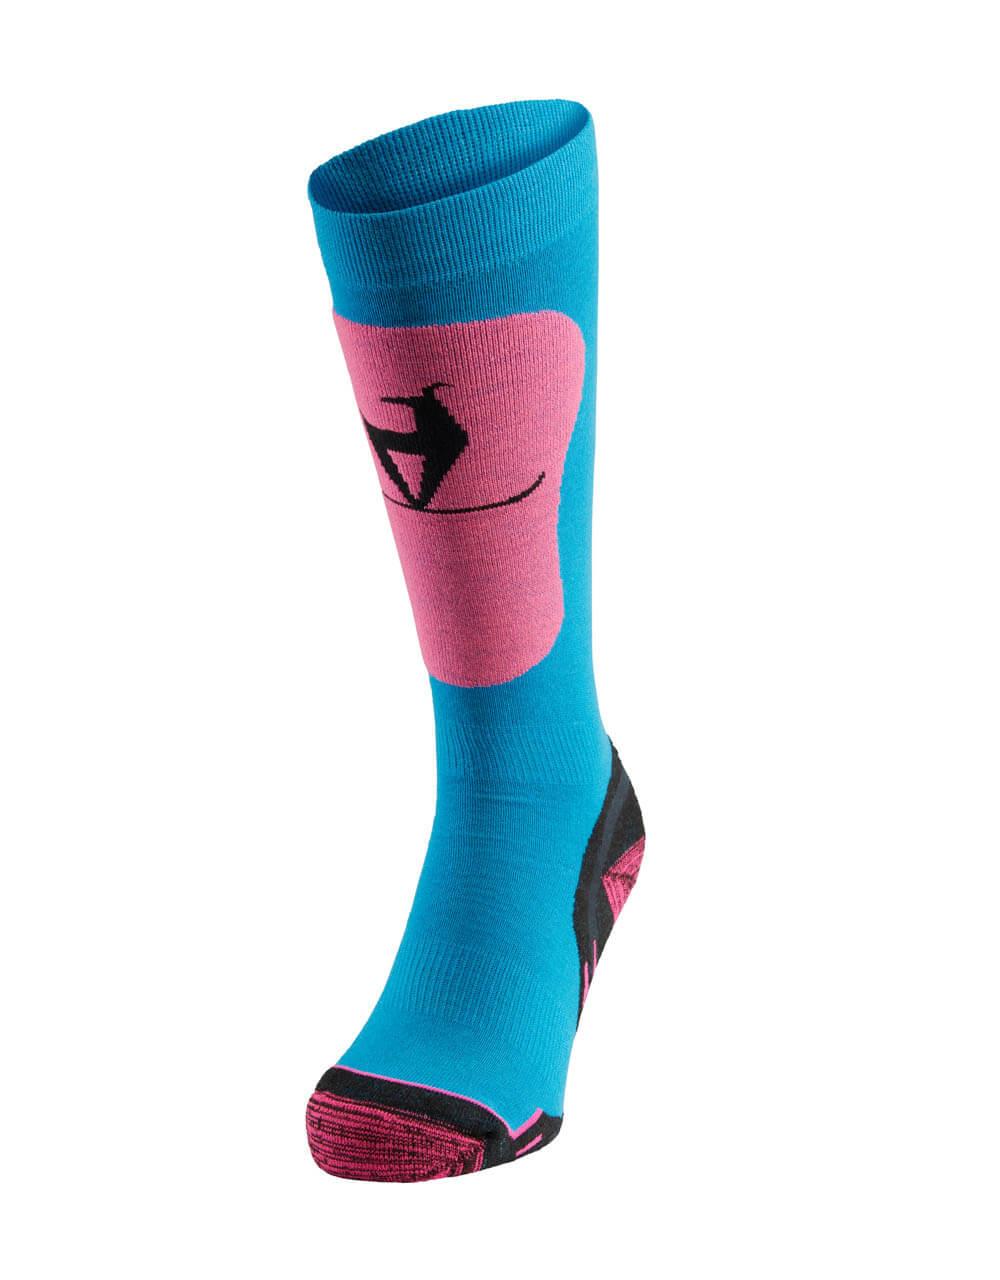 726038241 Skisocken Damen neon pink blau 1